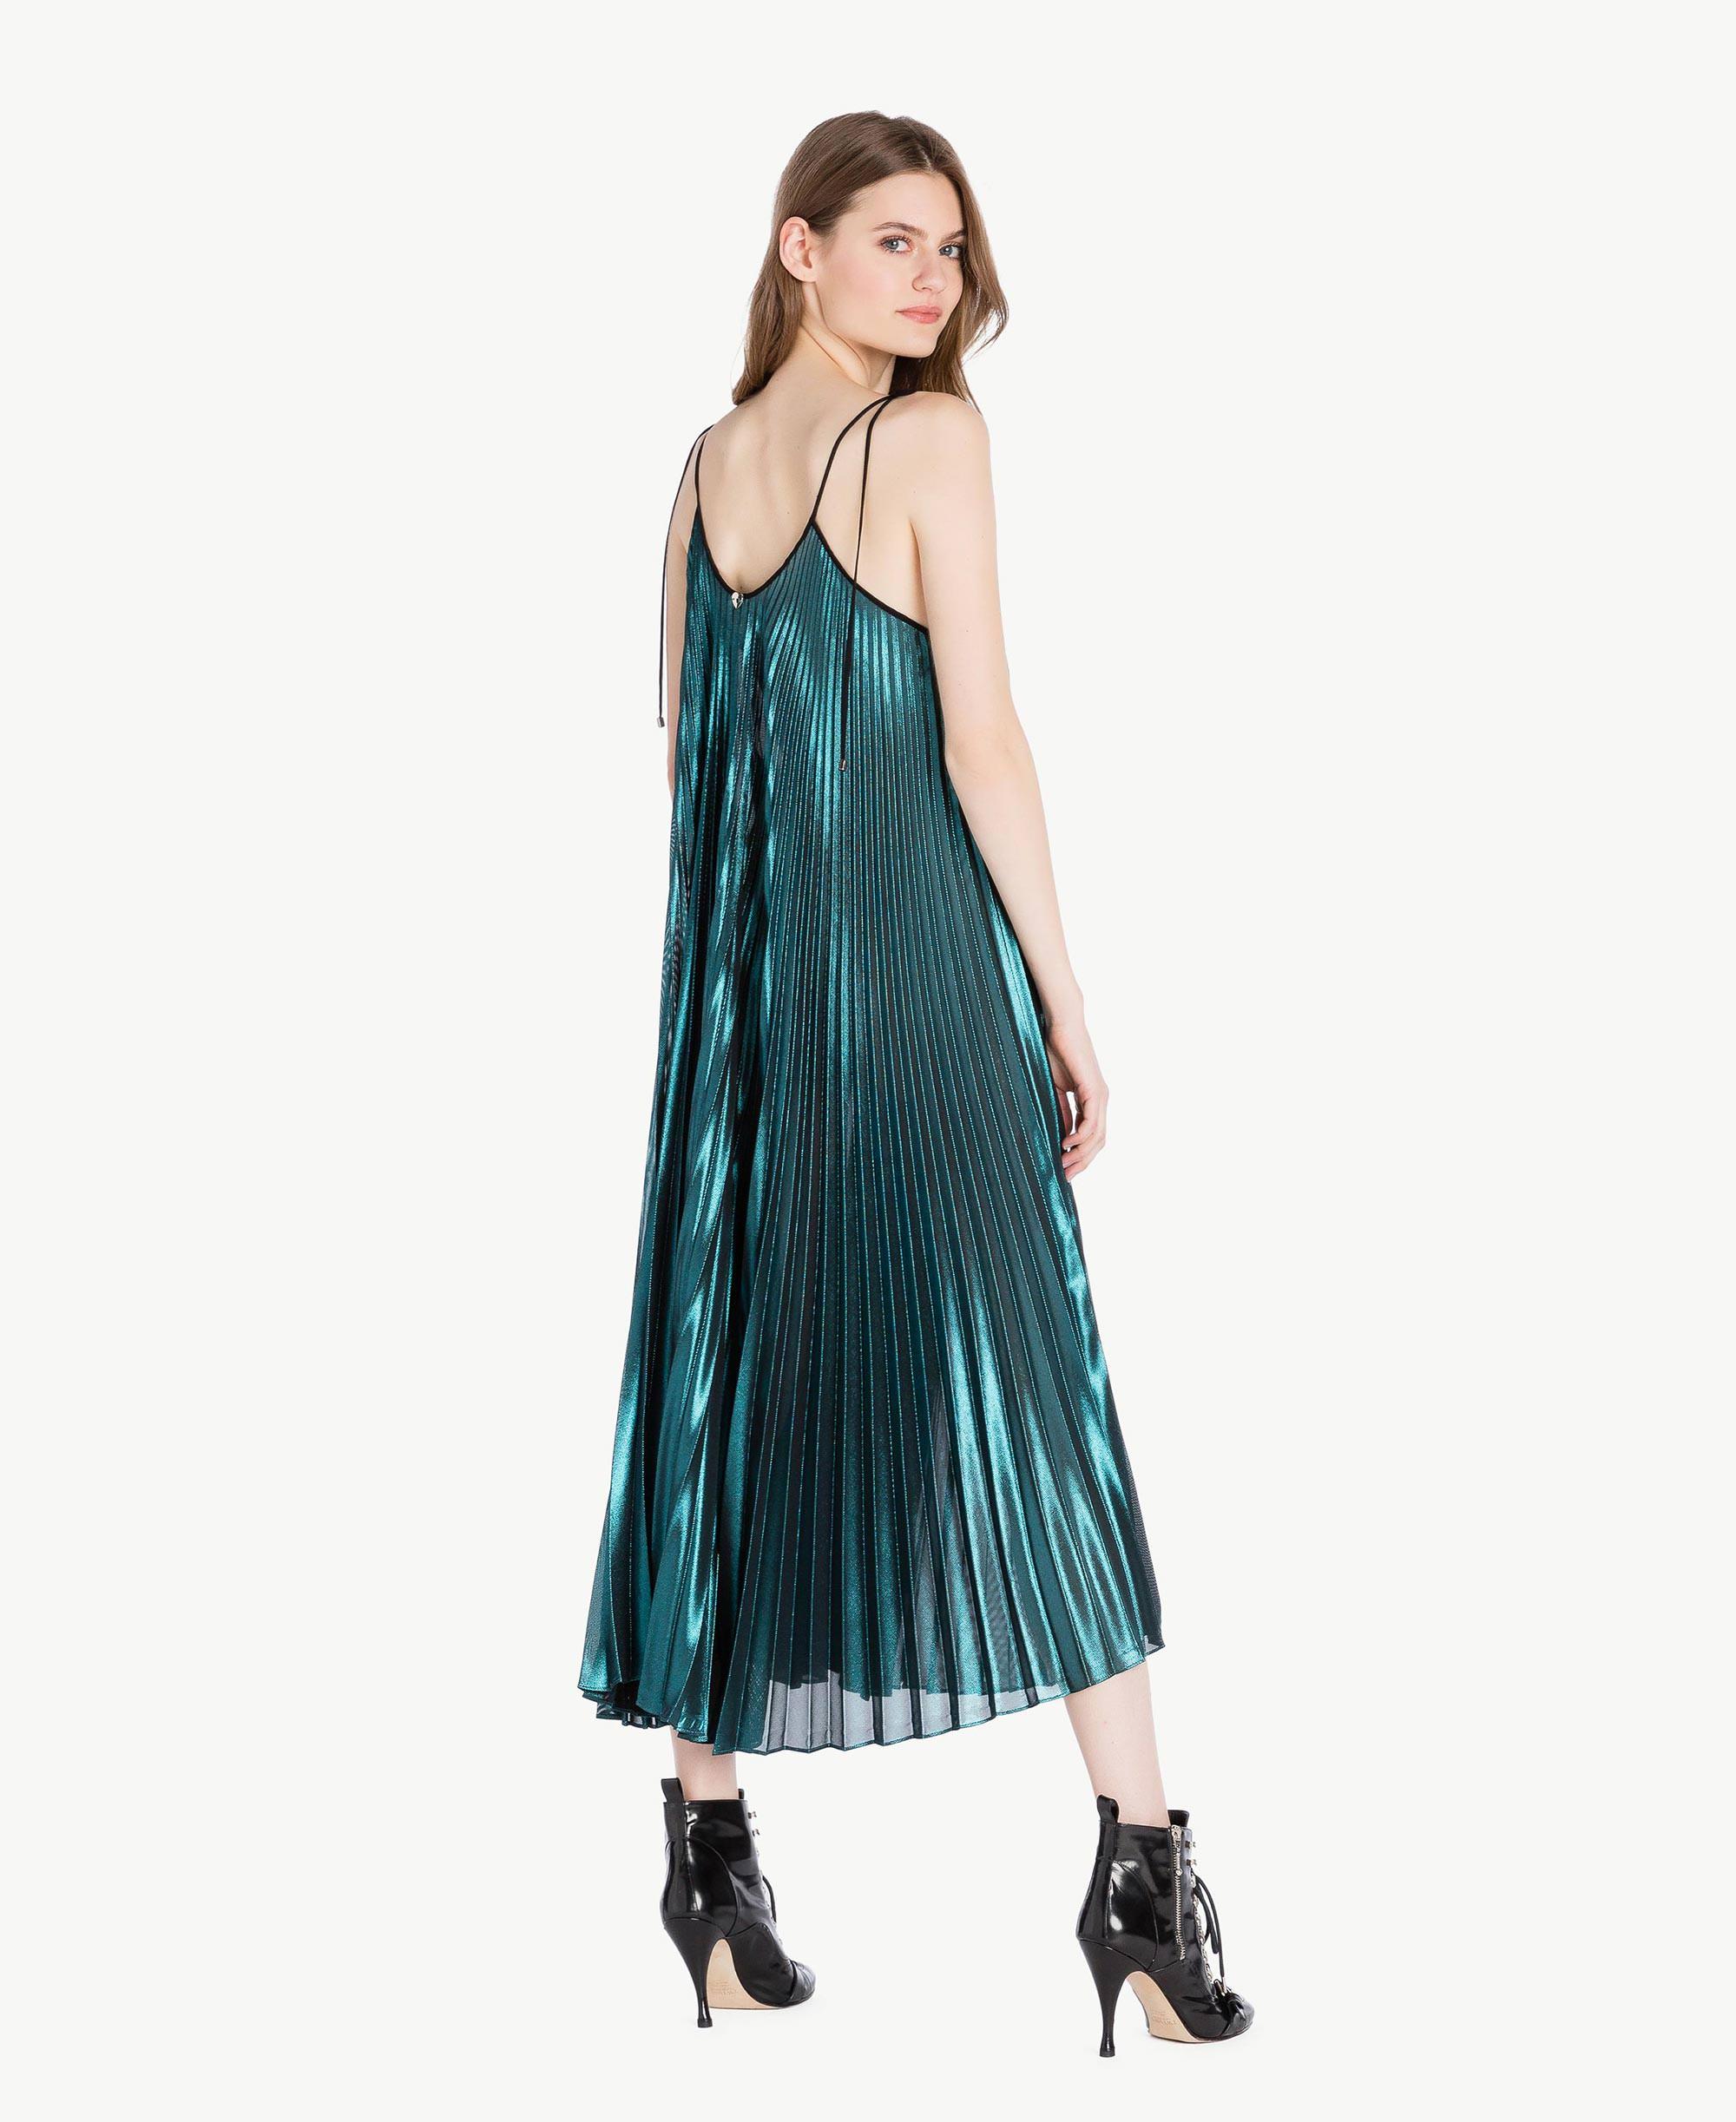 Langes Kleid mit Plissee Frau, Blau  TWINSET Milano